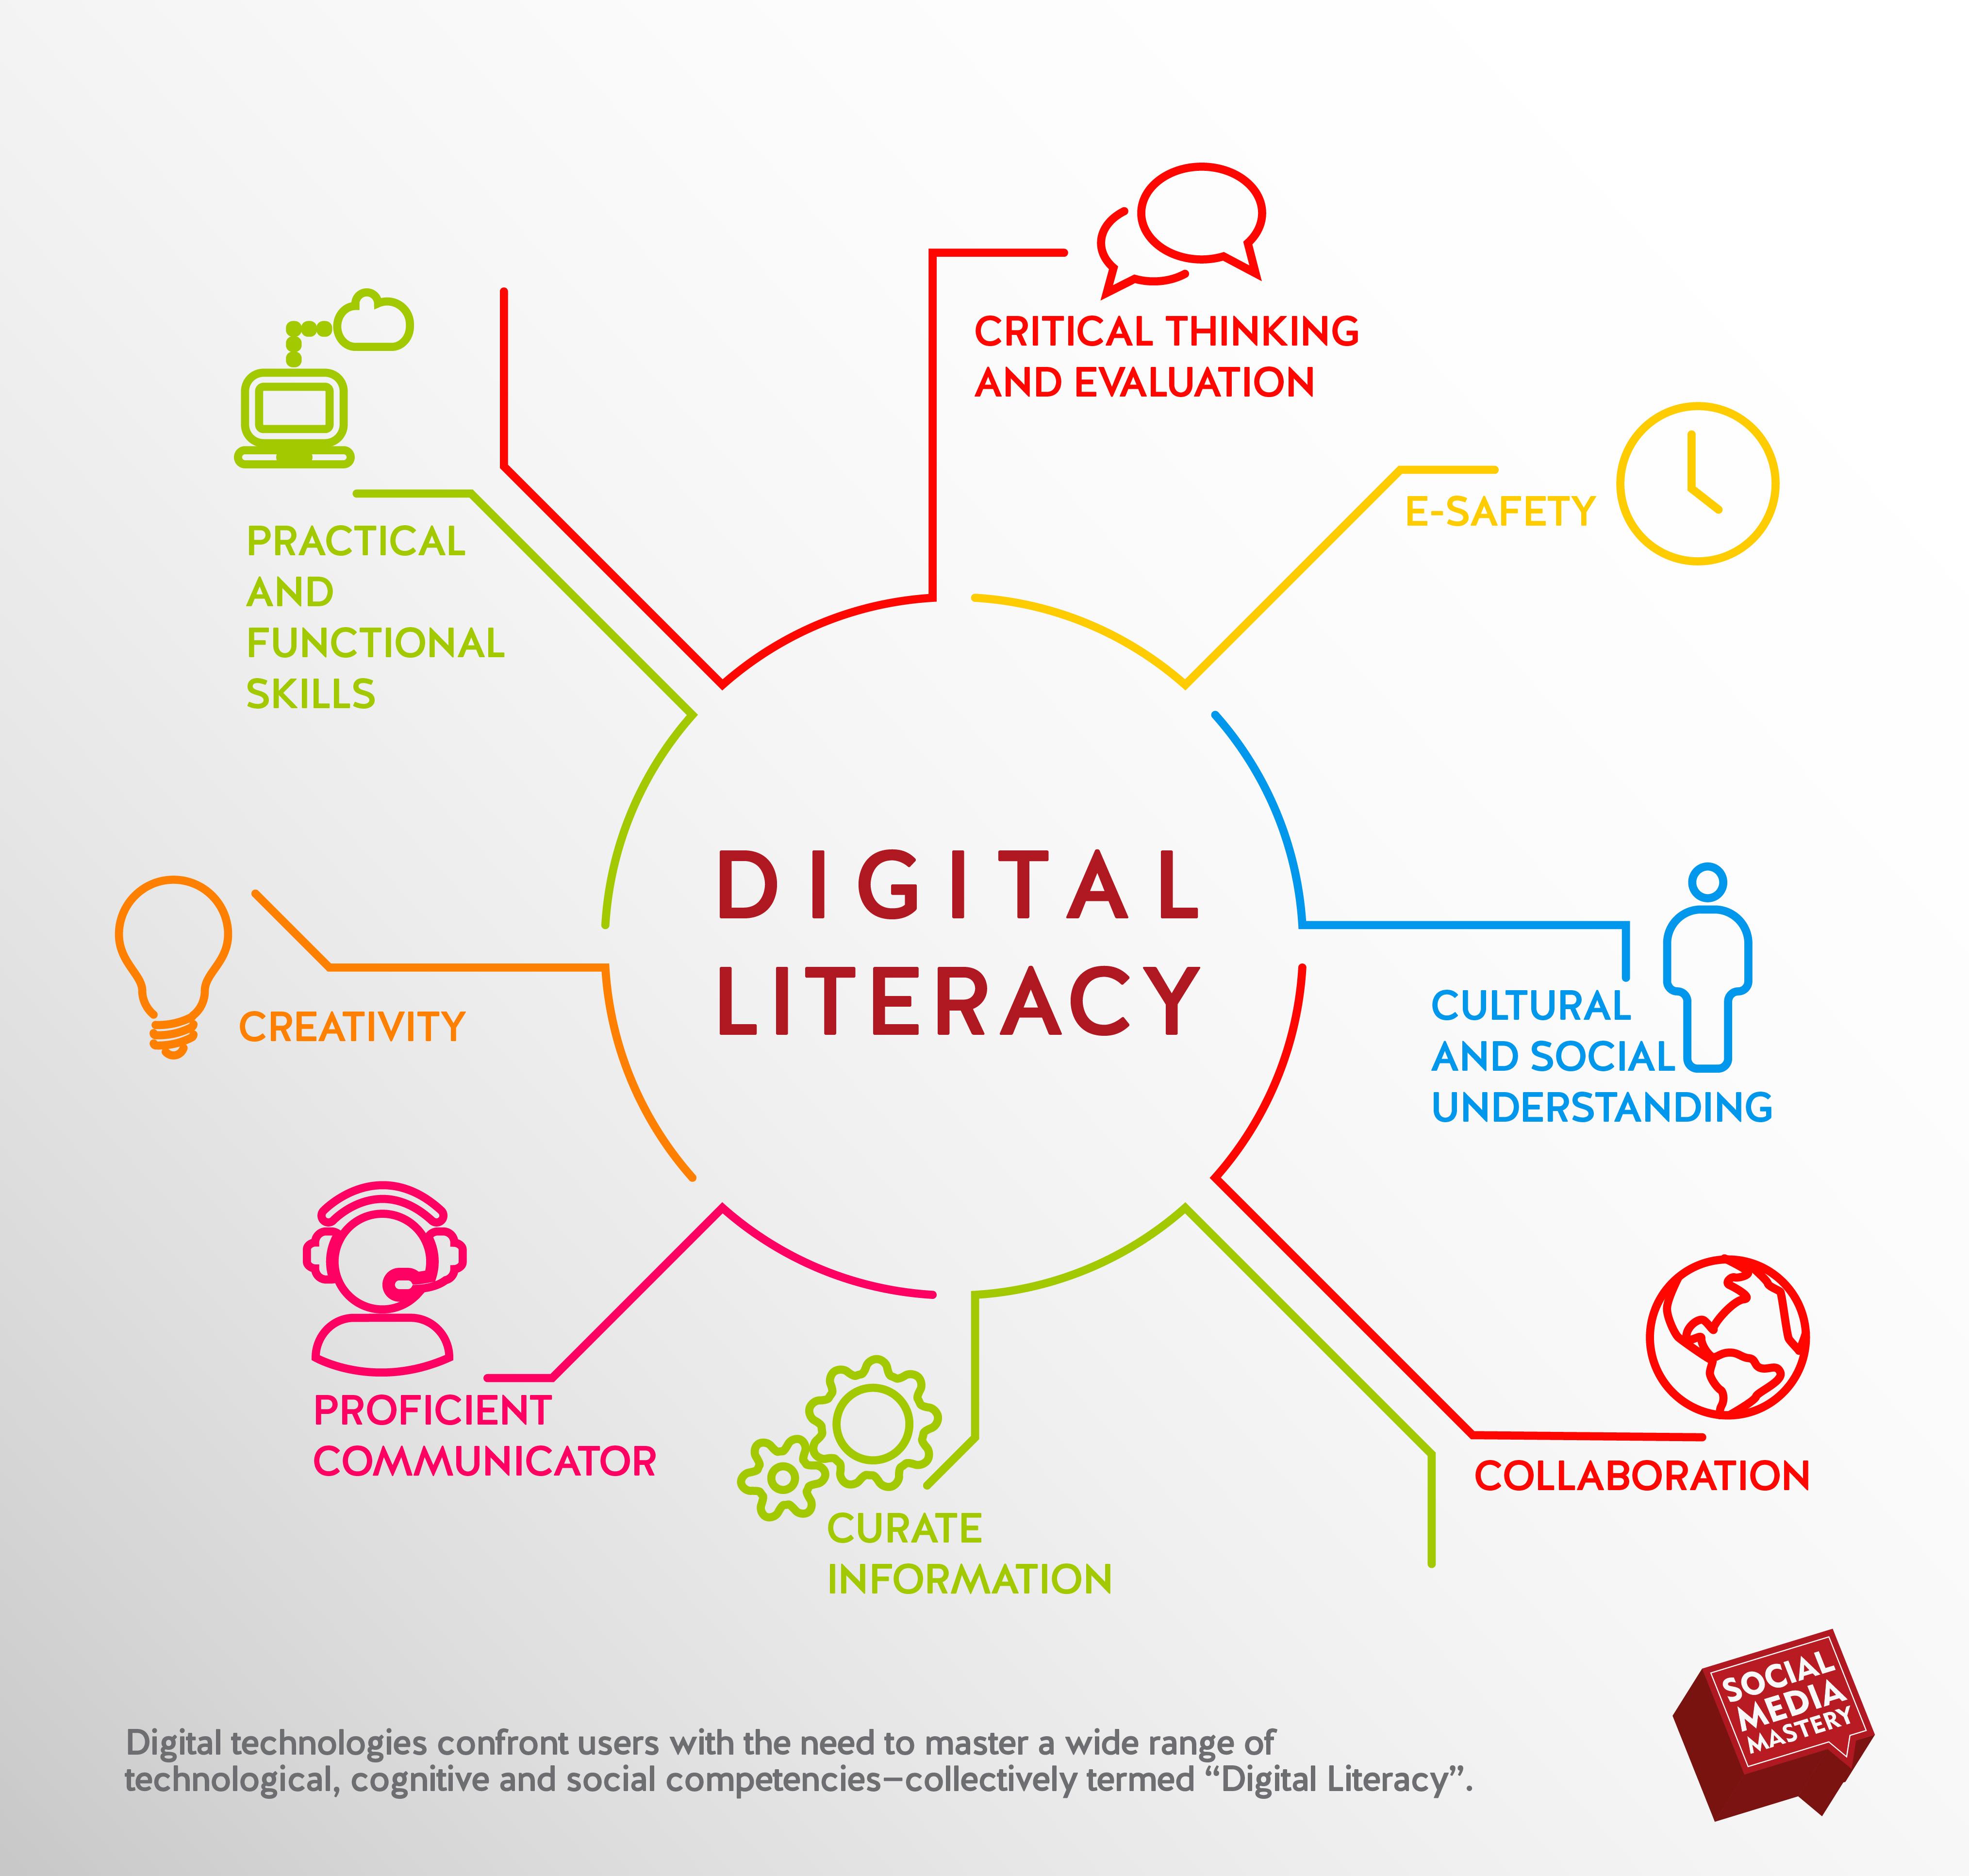 digital literacy: reading between the lines | cyberwatch